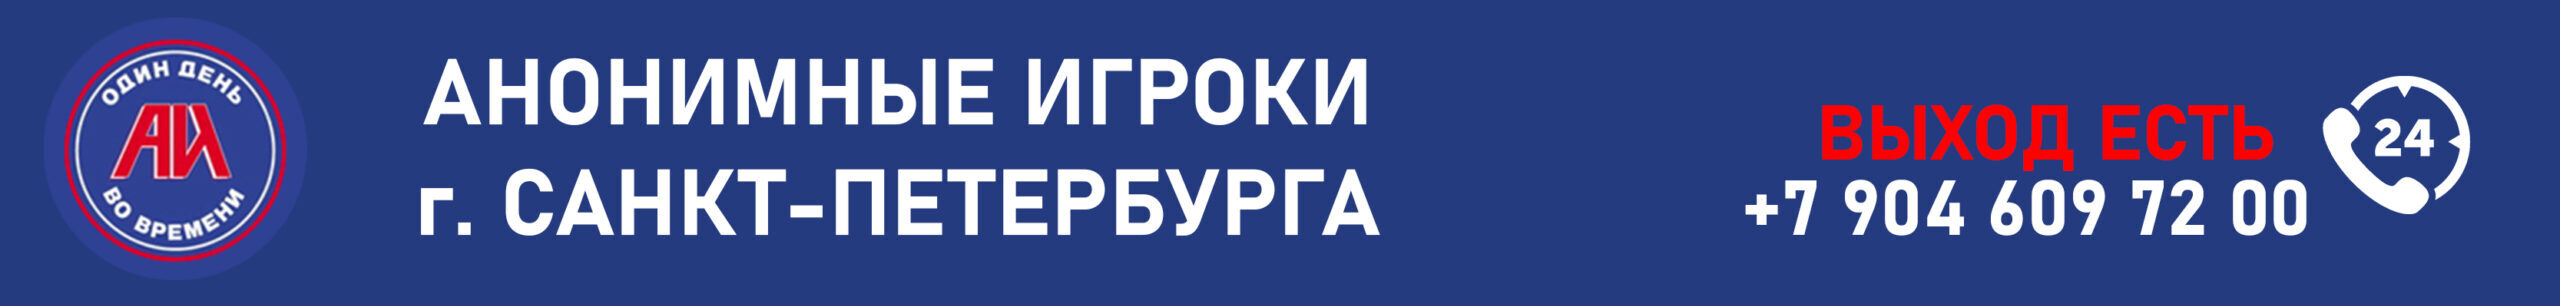 Анонимные Игроки Санкт-Петербурга